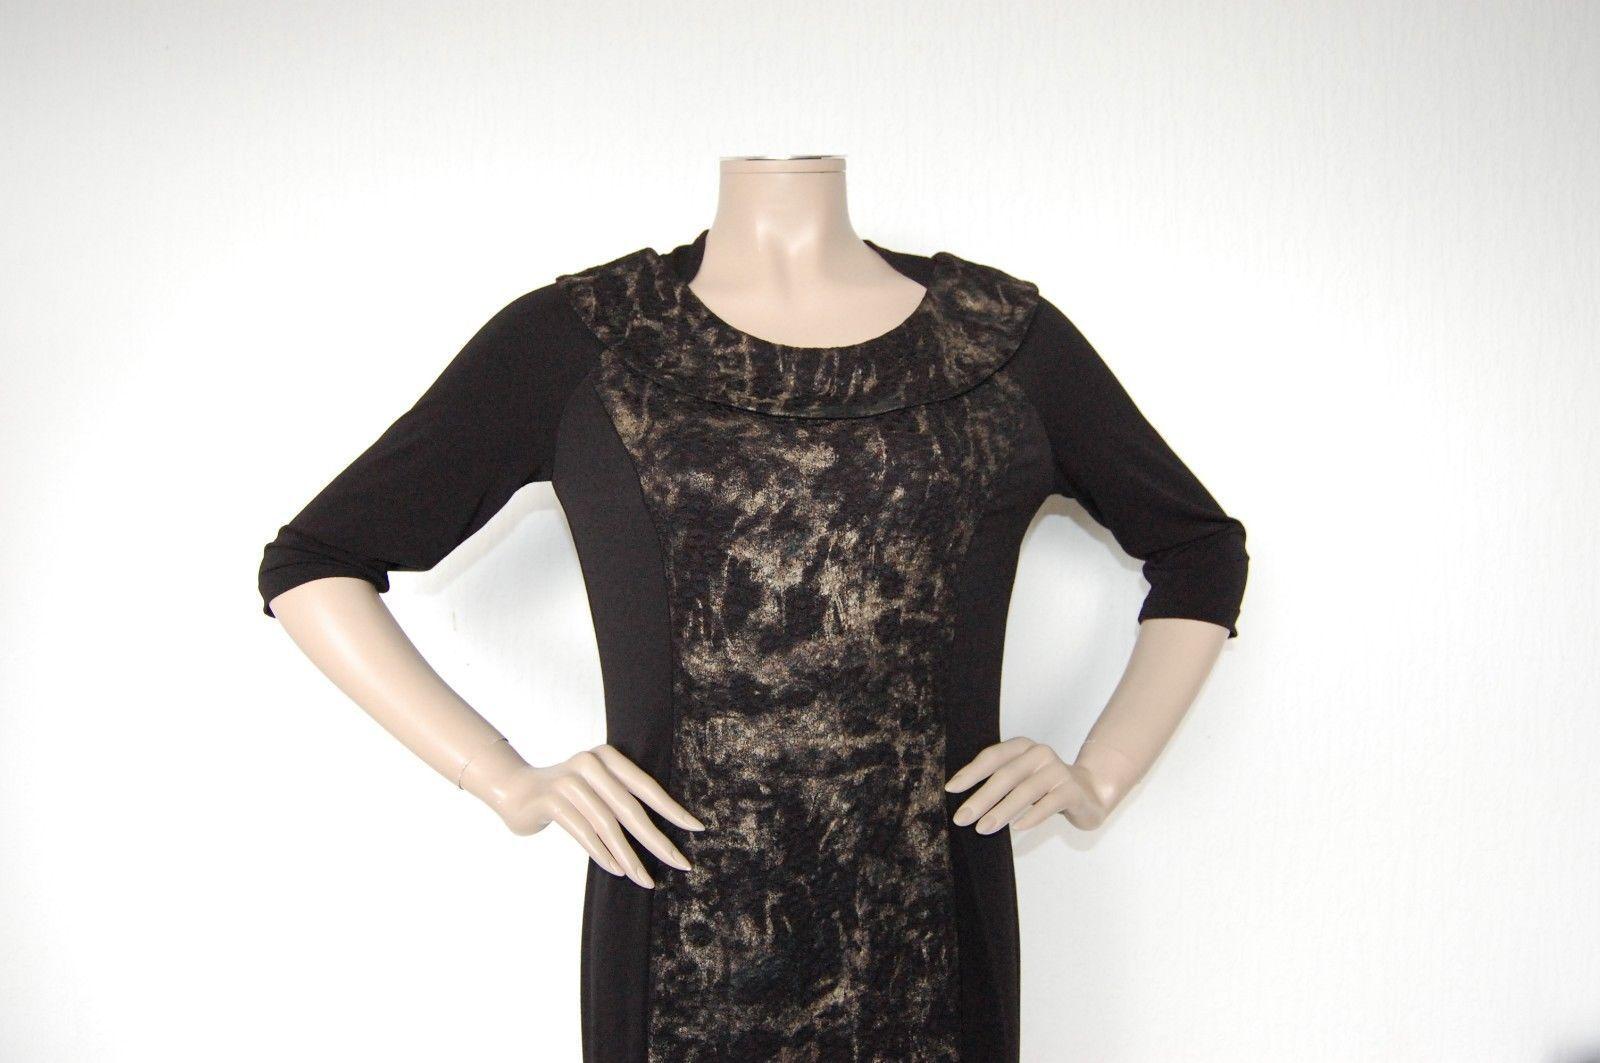 Godske Godske Godske Damen kleid Partykleid festlich Abendkleid e70c06